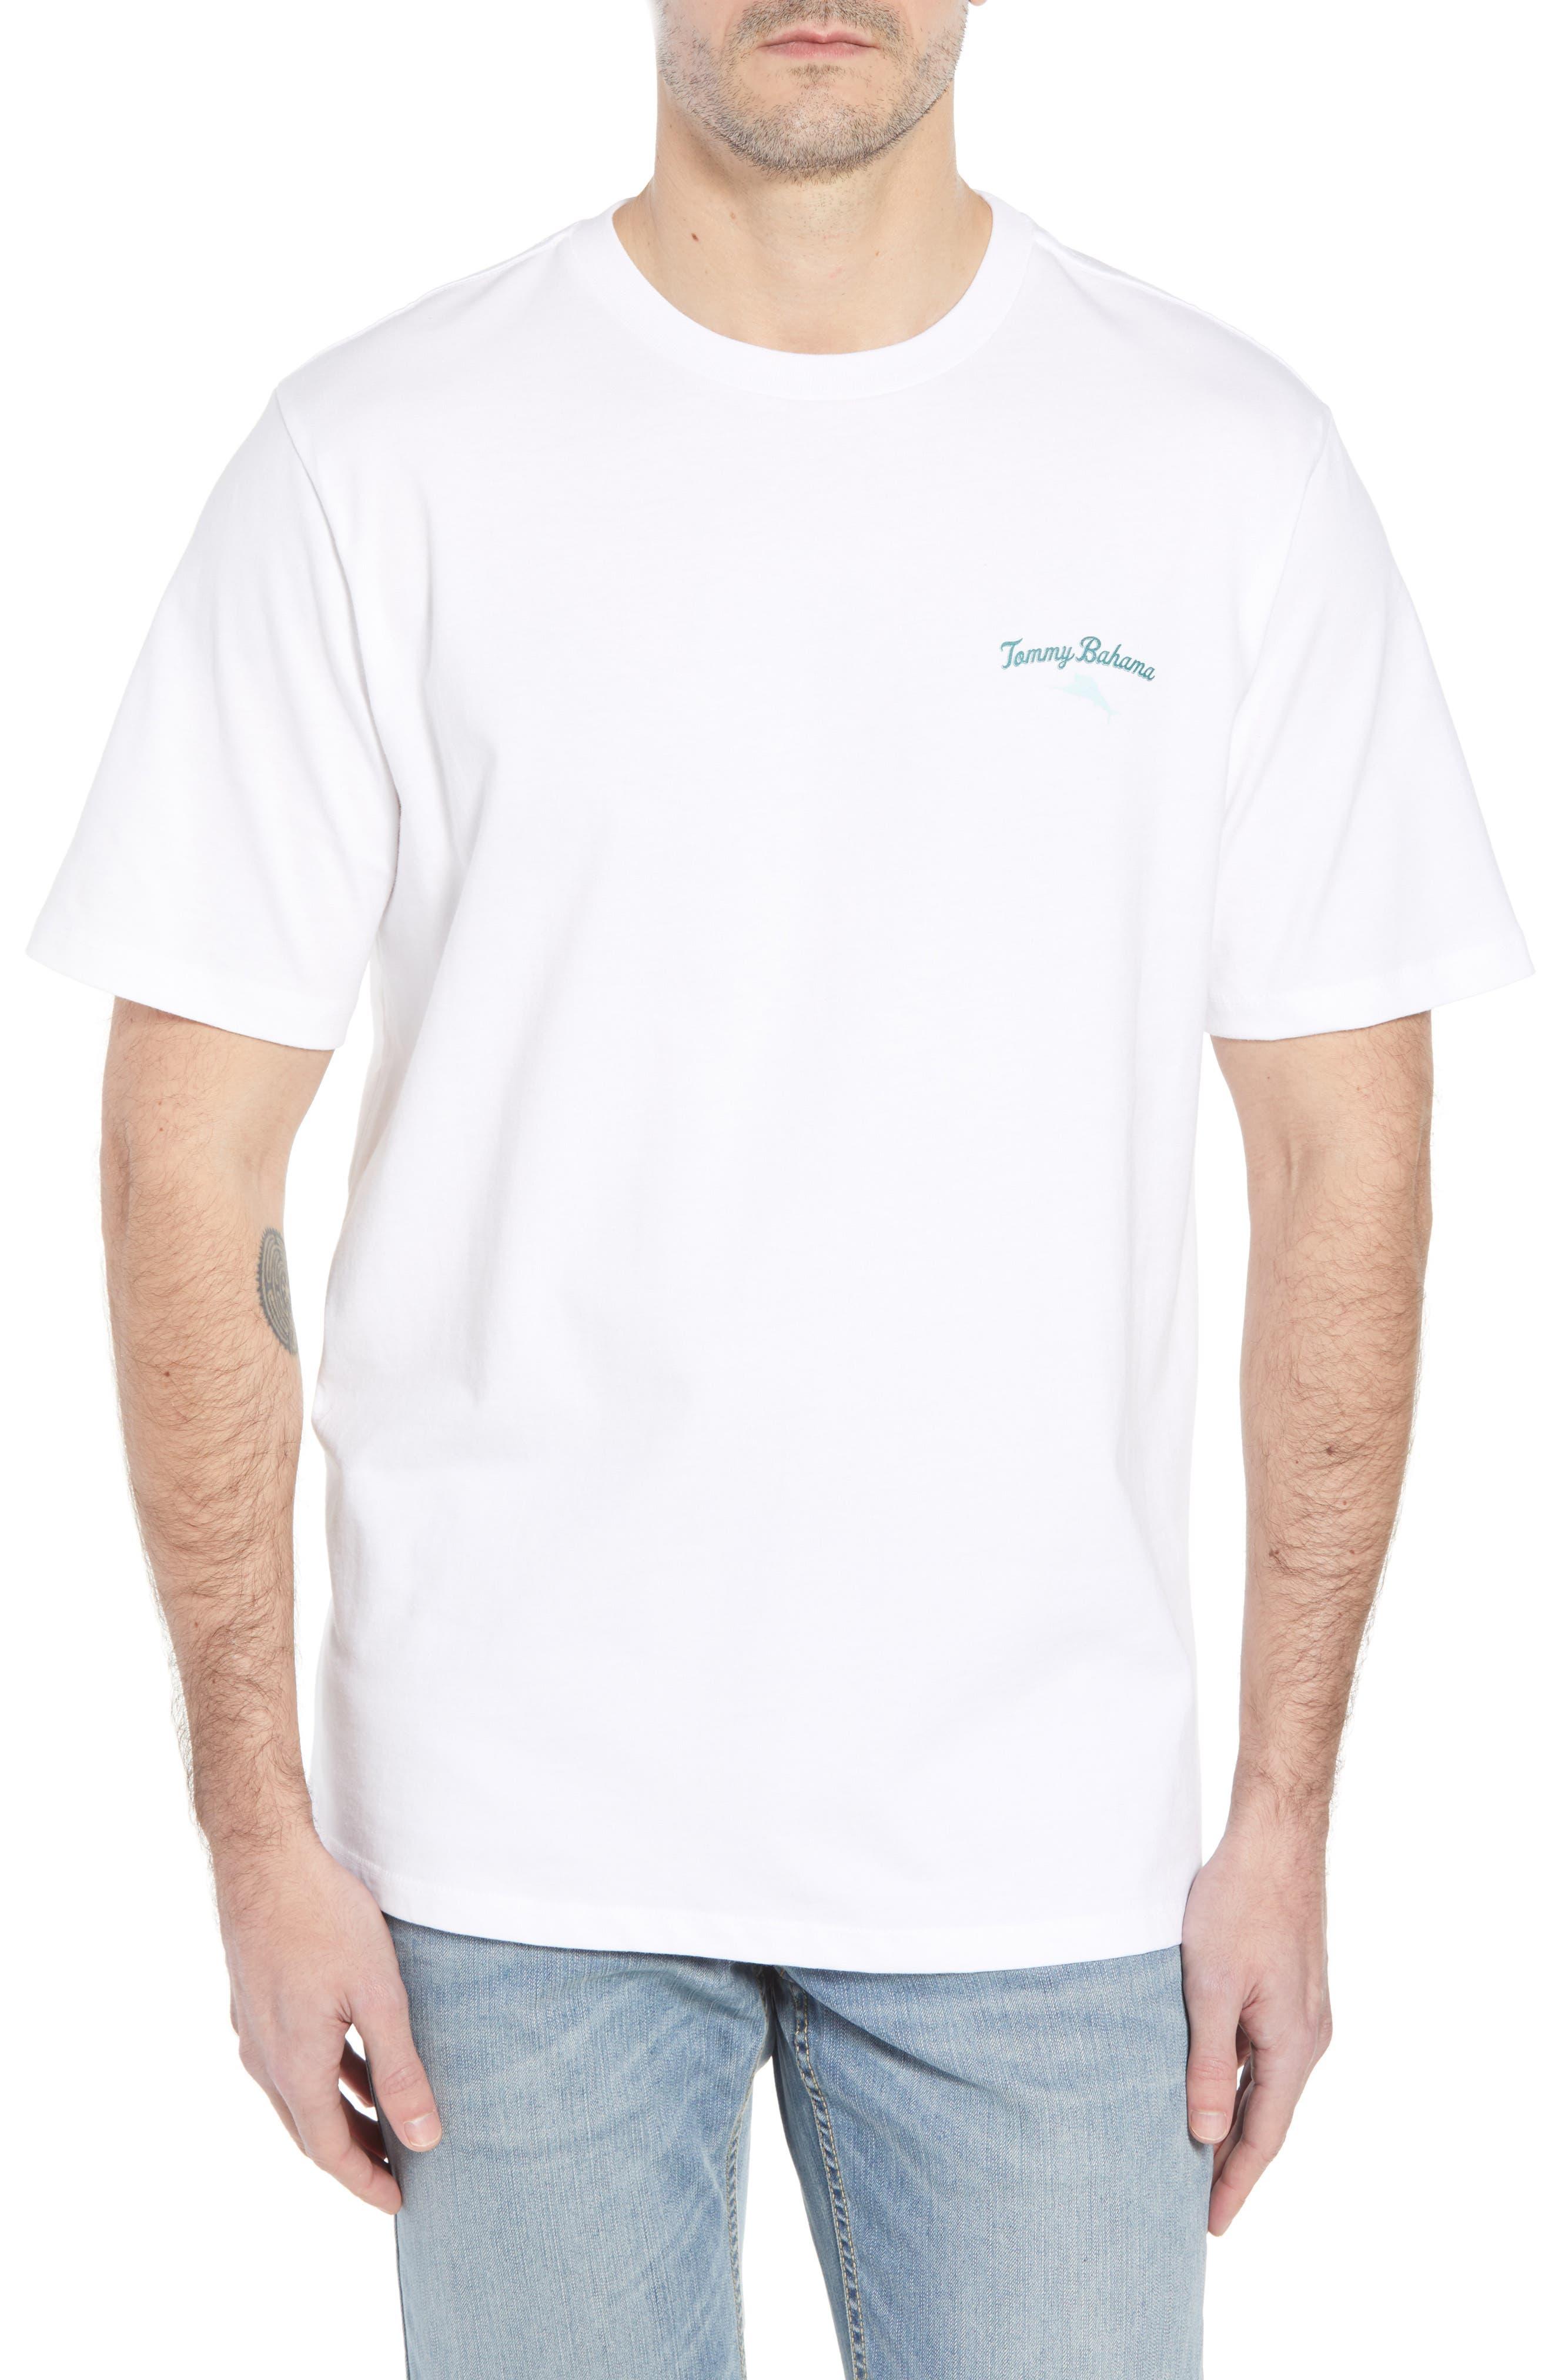 Finsurfing T-Shirt,                         Main,                         color, White